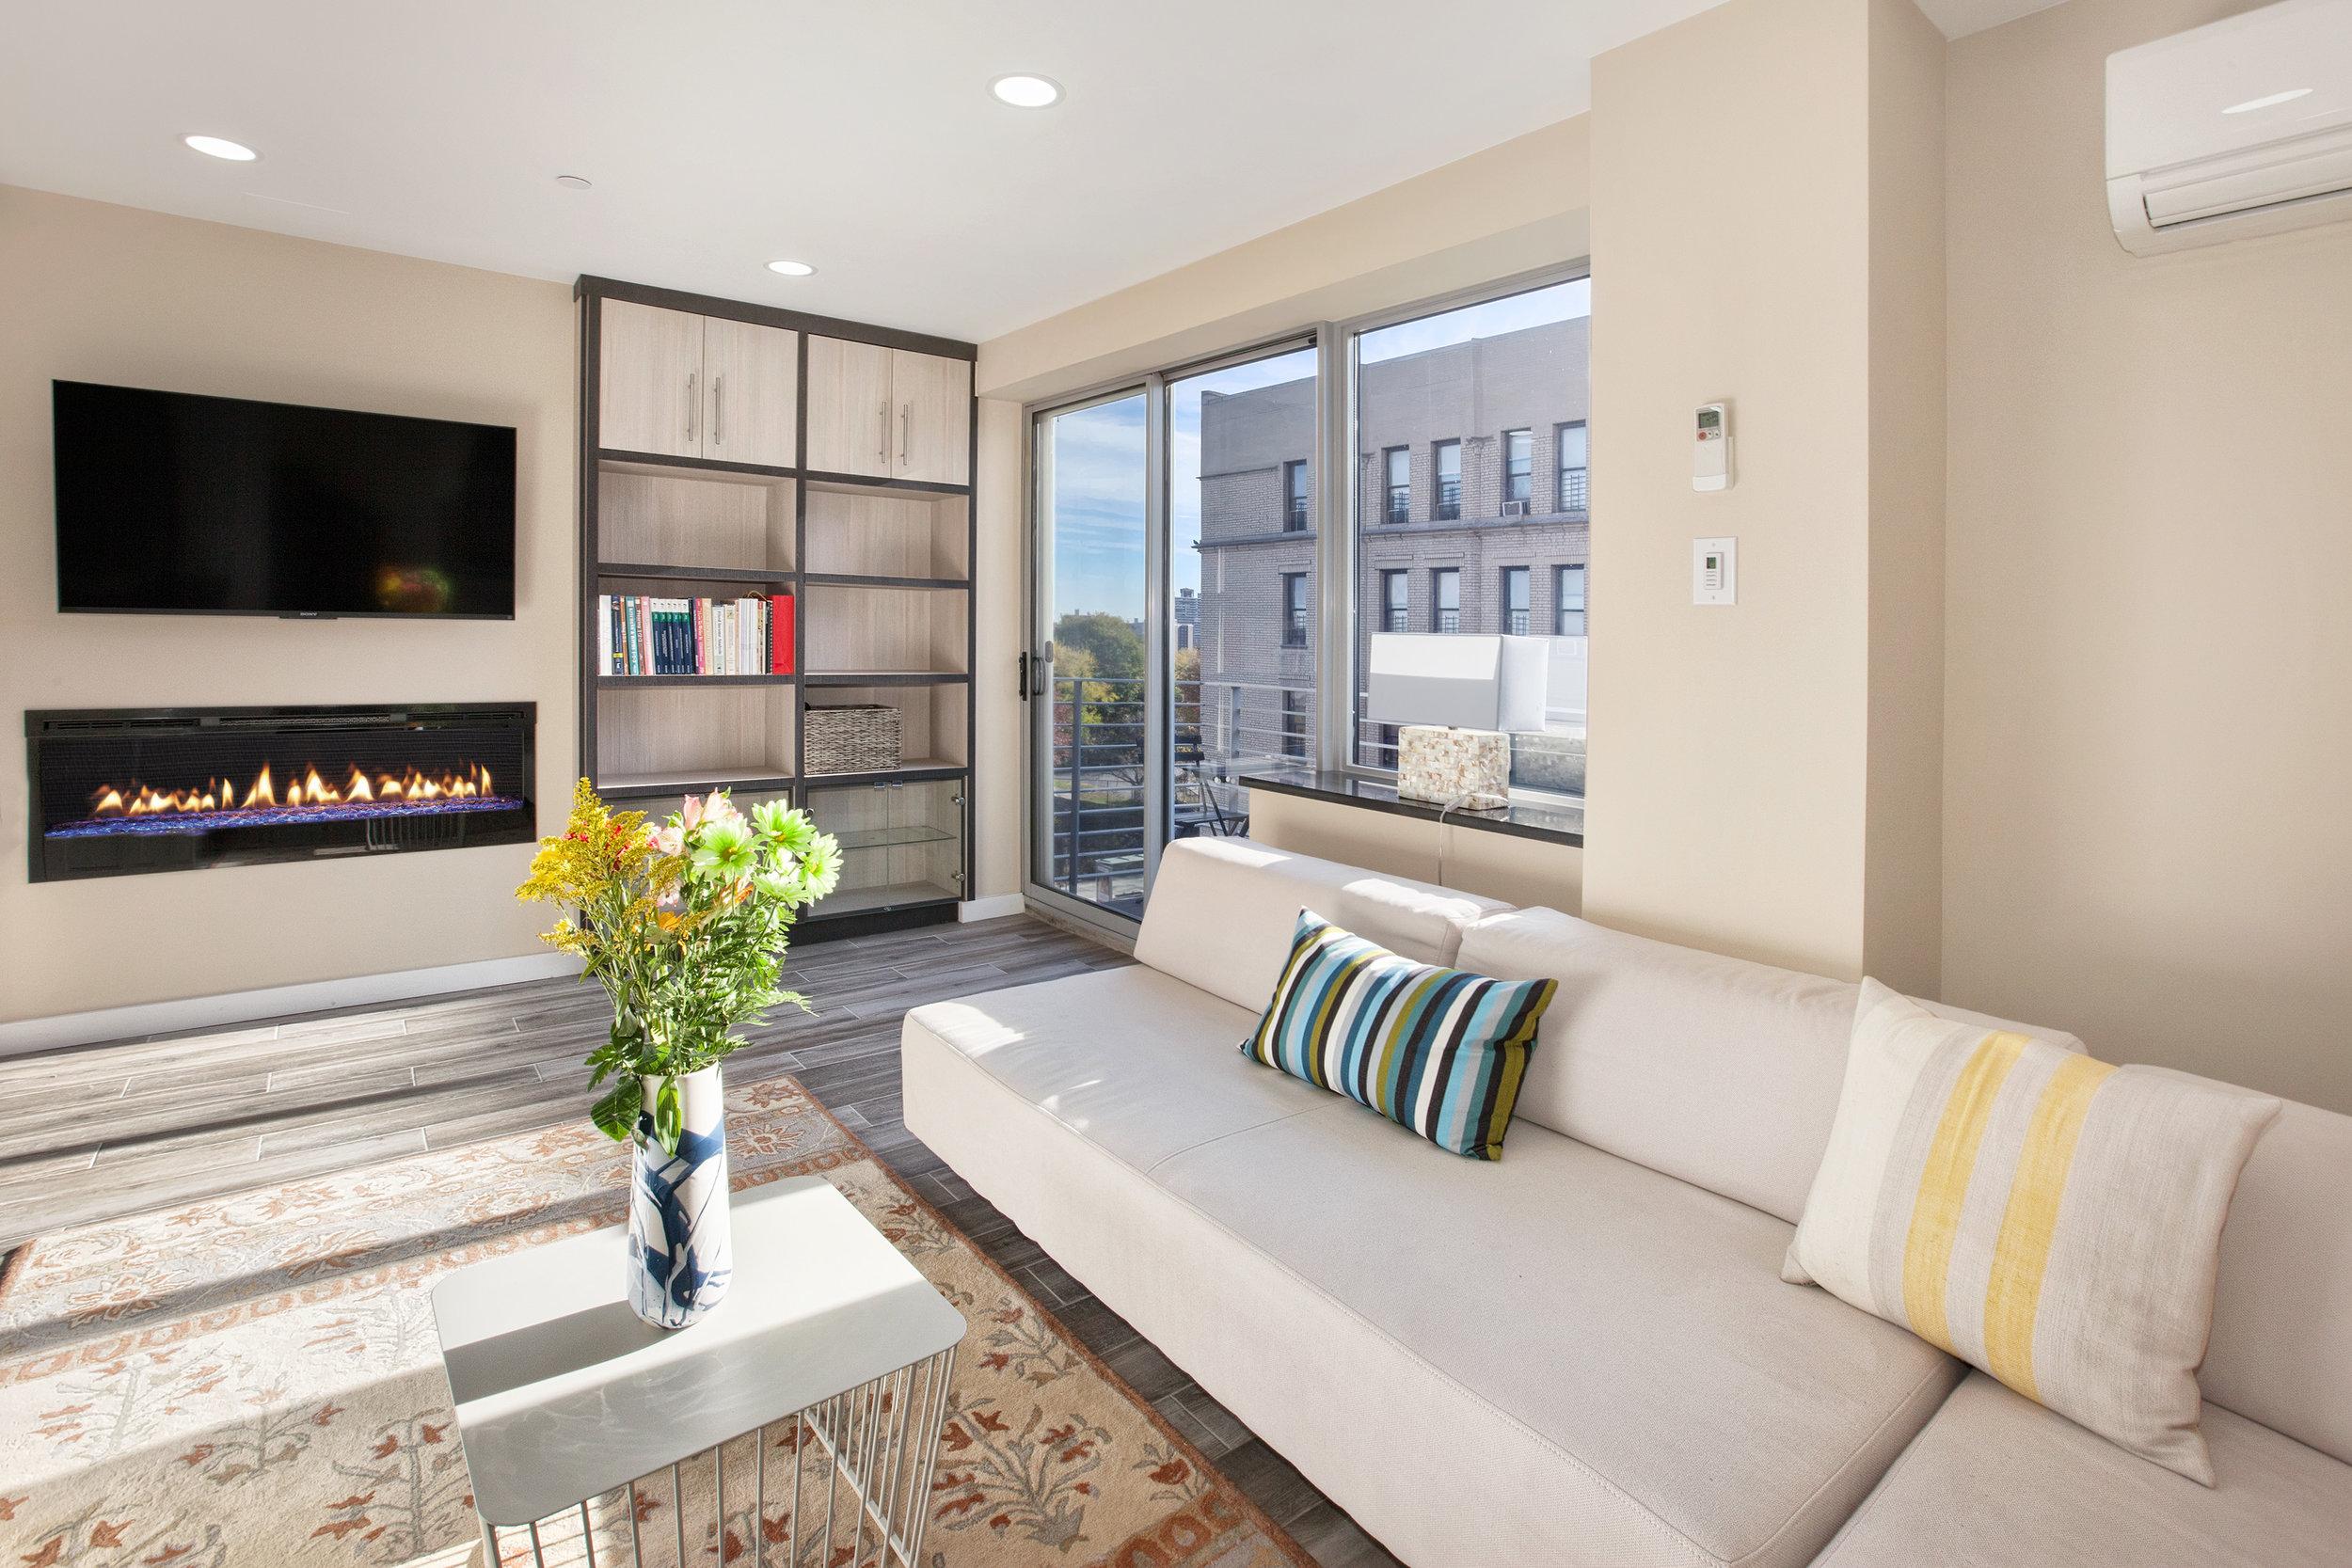 2360 Amsterdam Avenue, #6A - $950,000